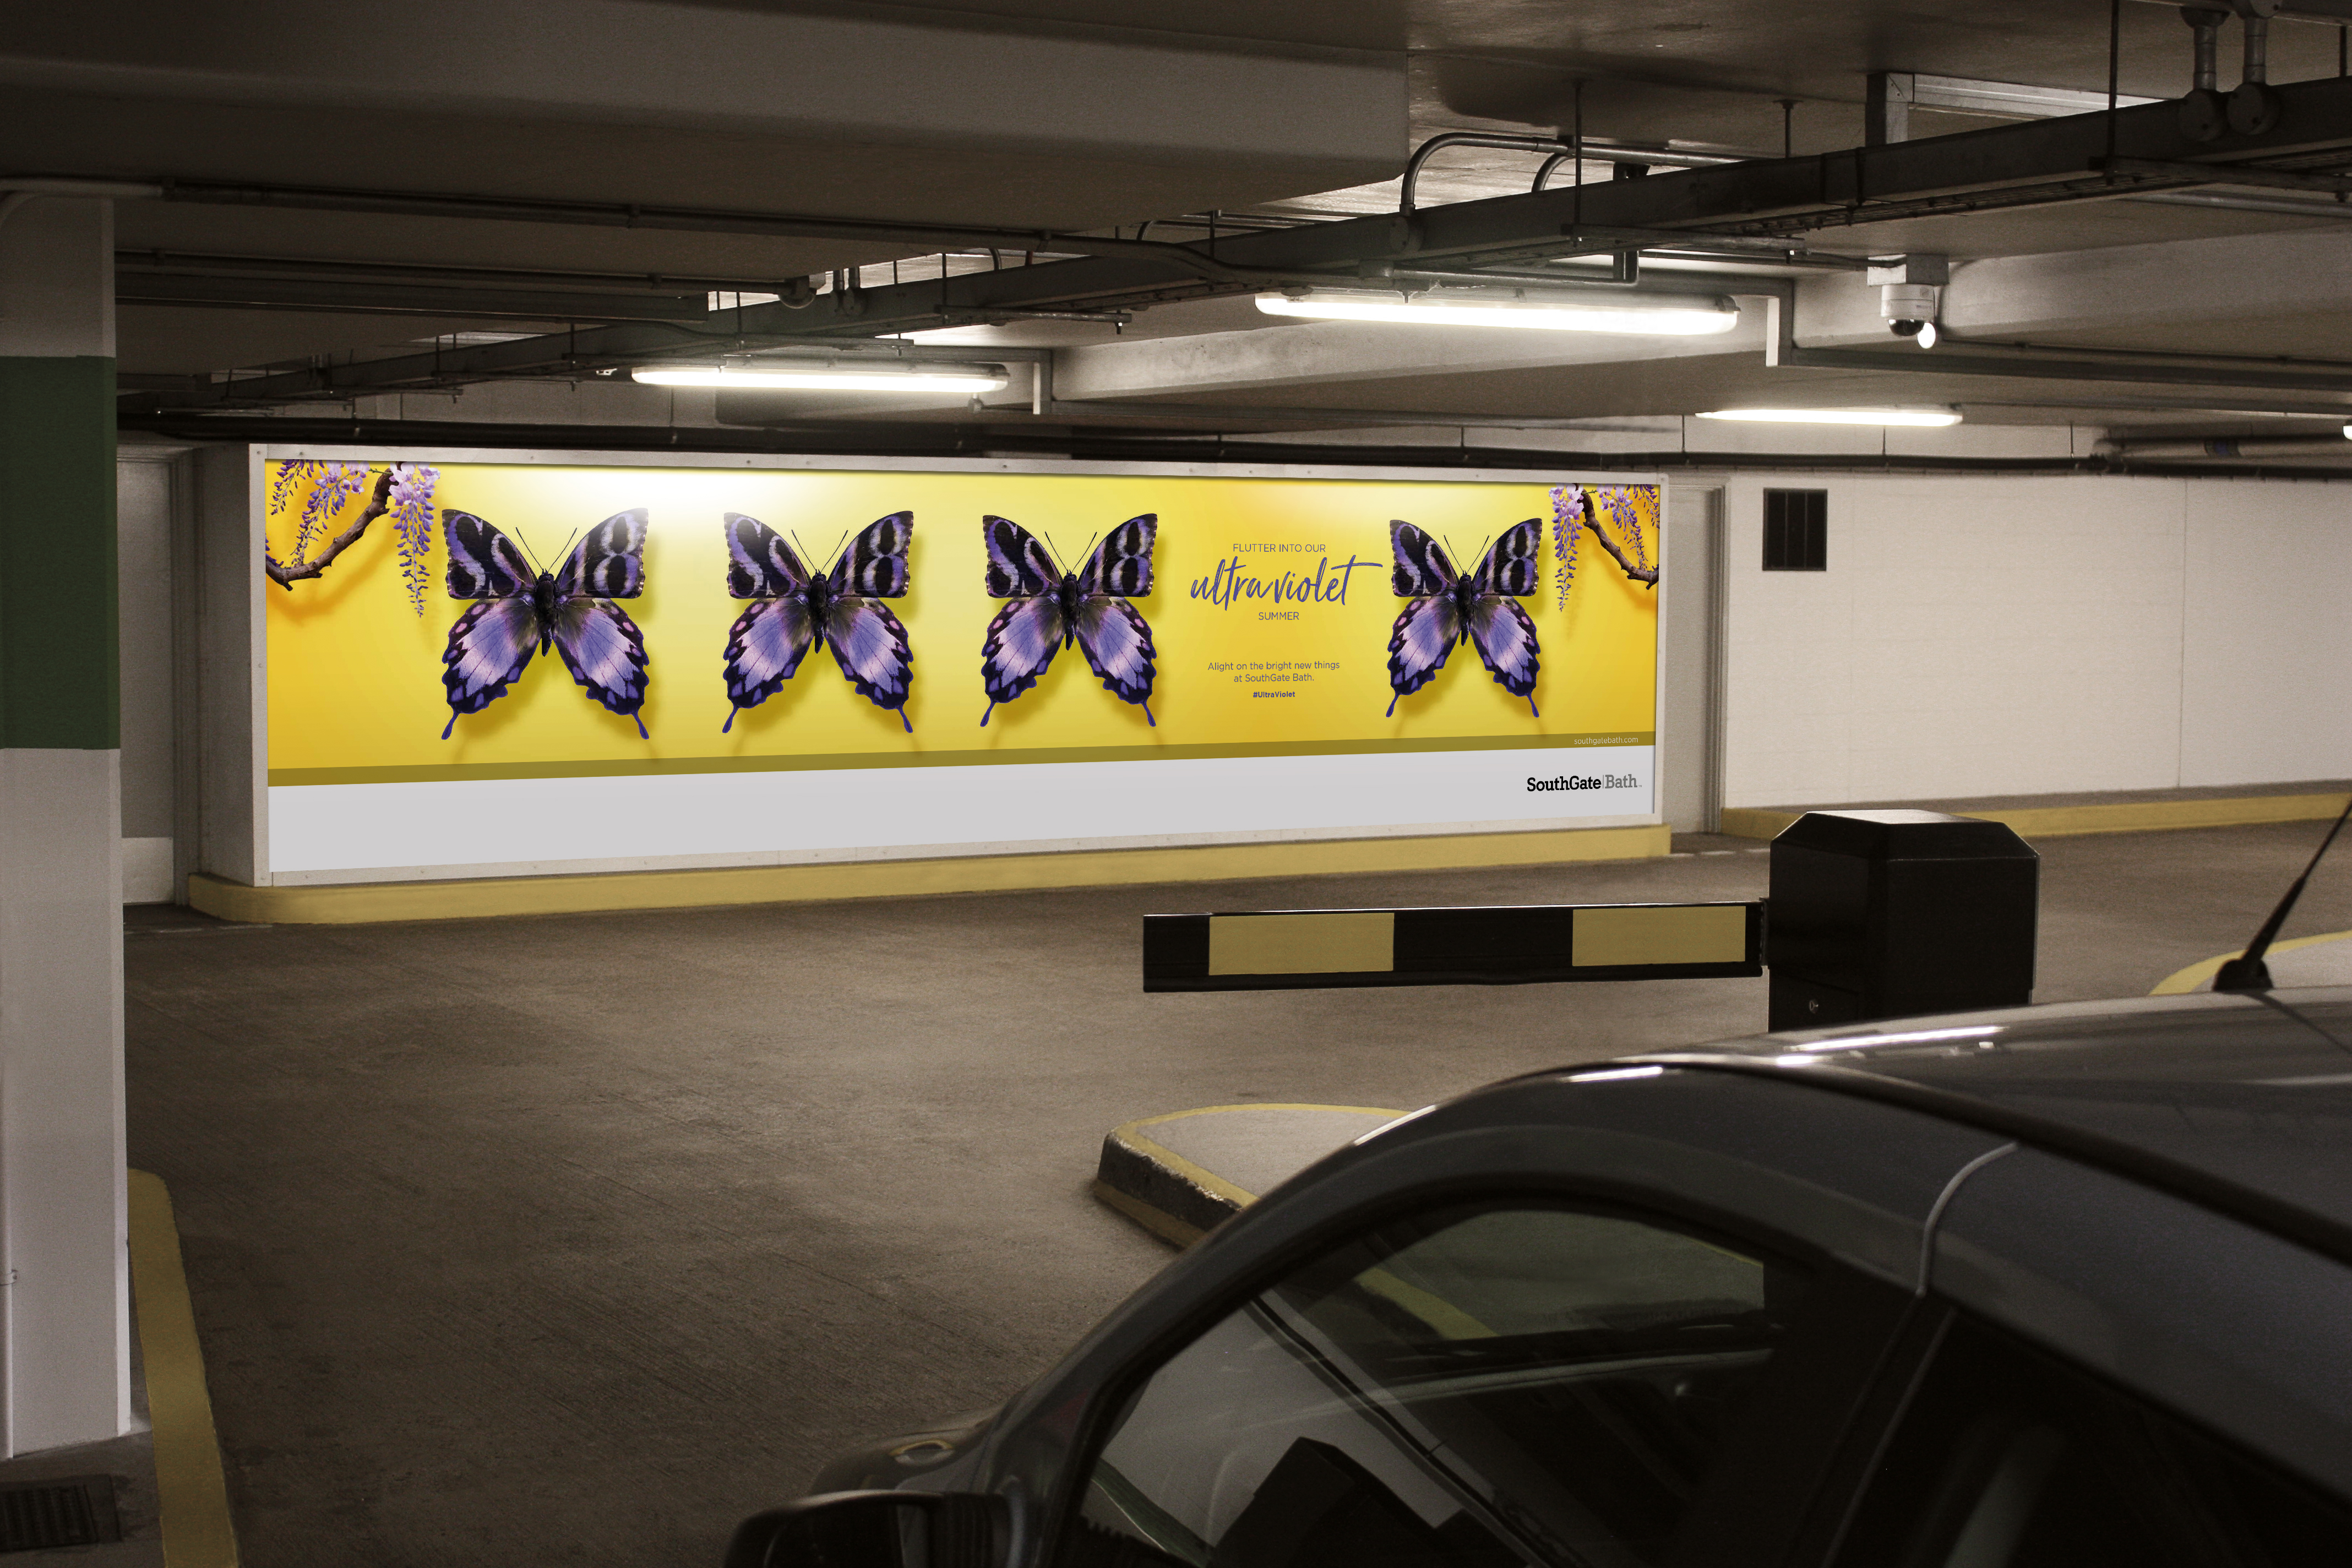 SouthGate Summer underground parking